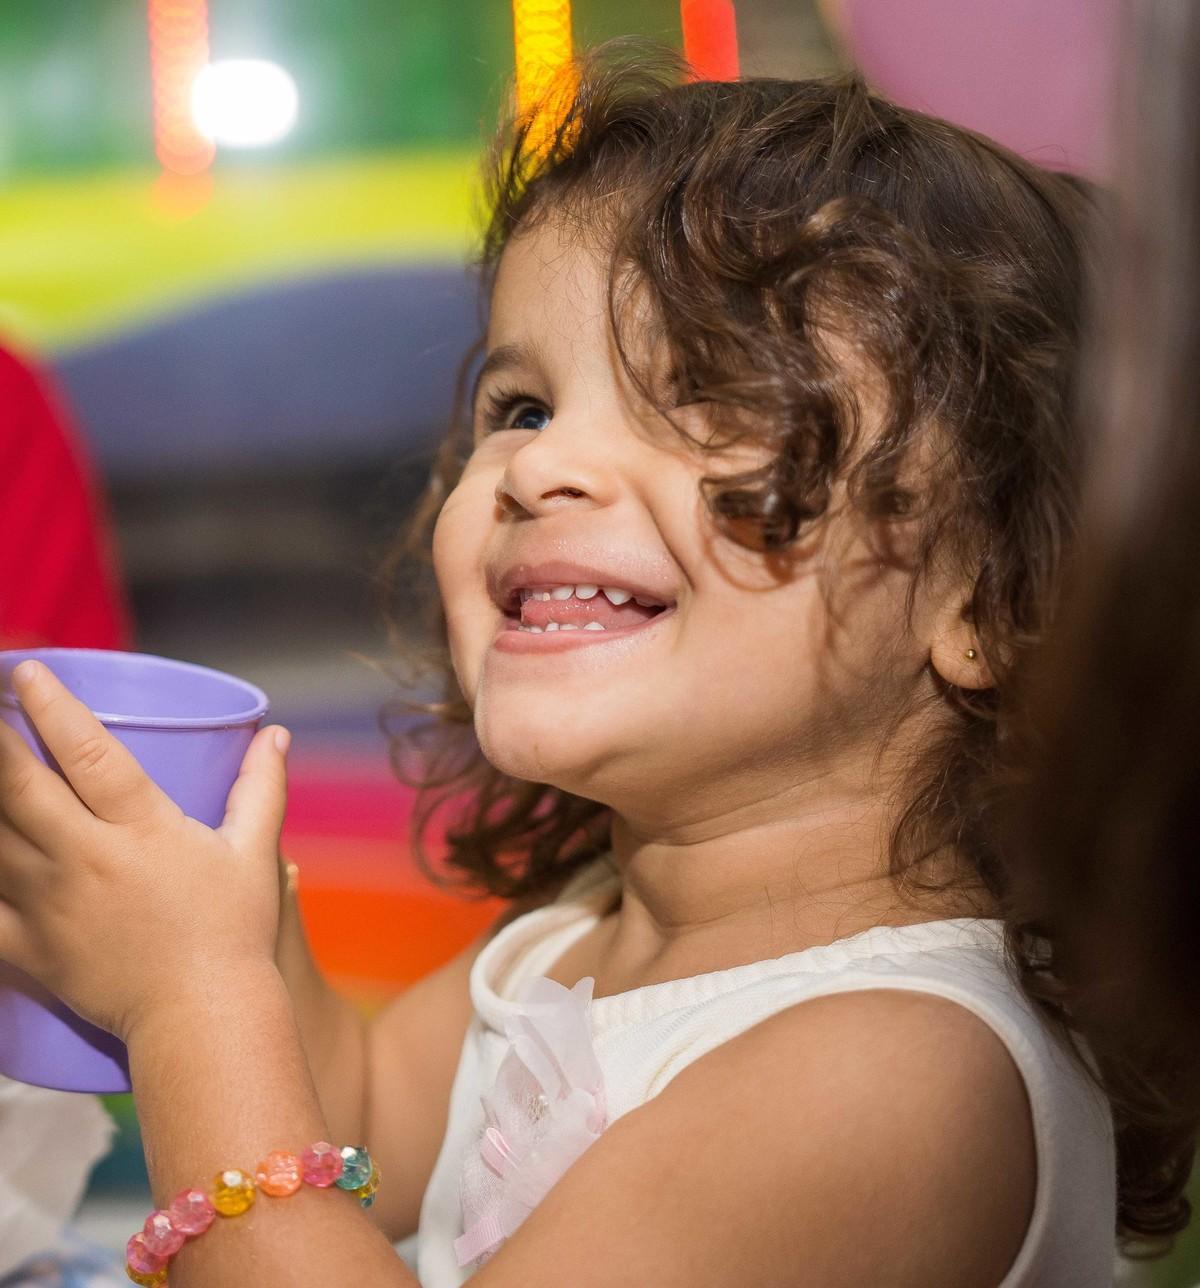 aniversário 3 anos cara de sapeca bebendo refrigerante copo roxo cachinhos princesas disney